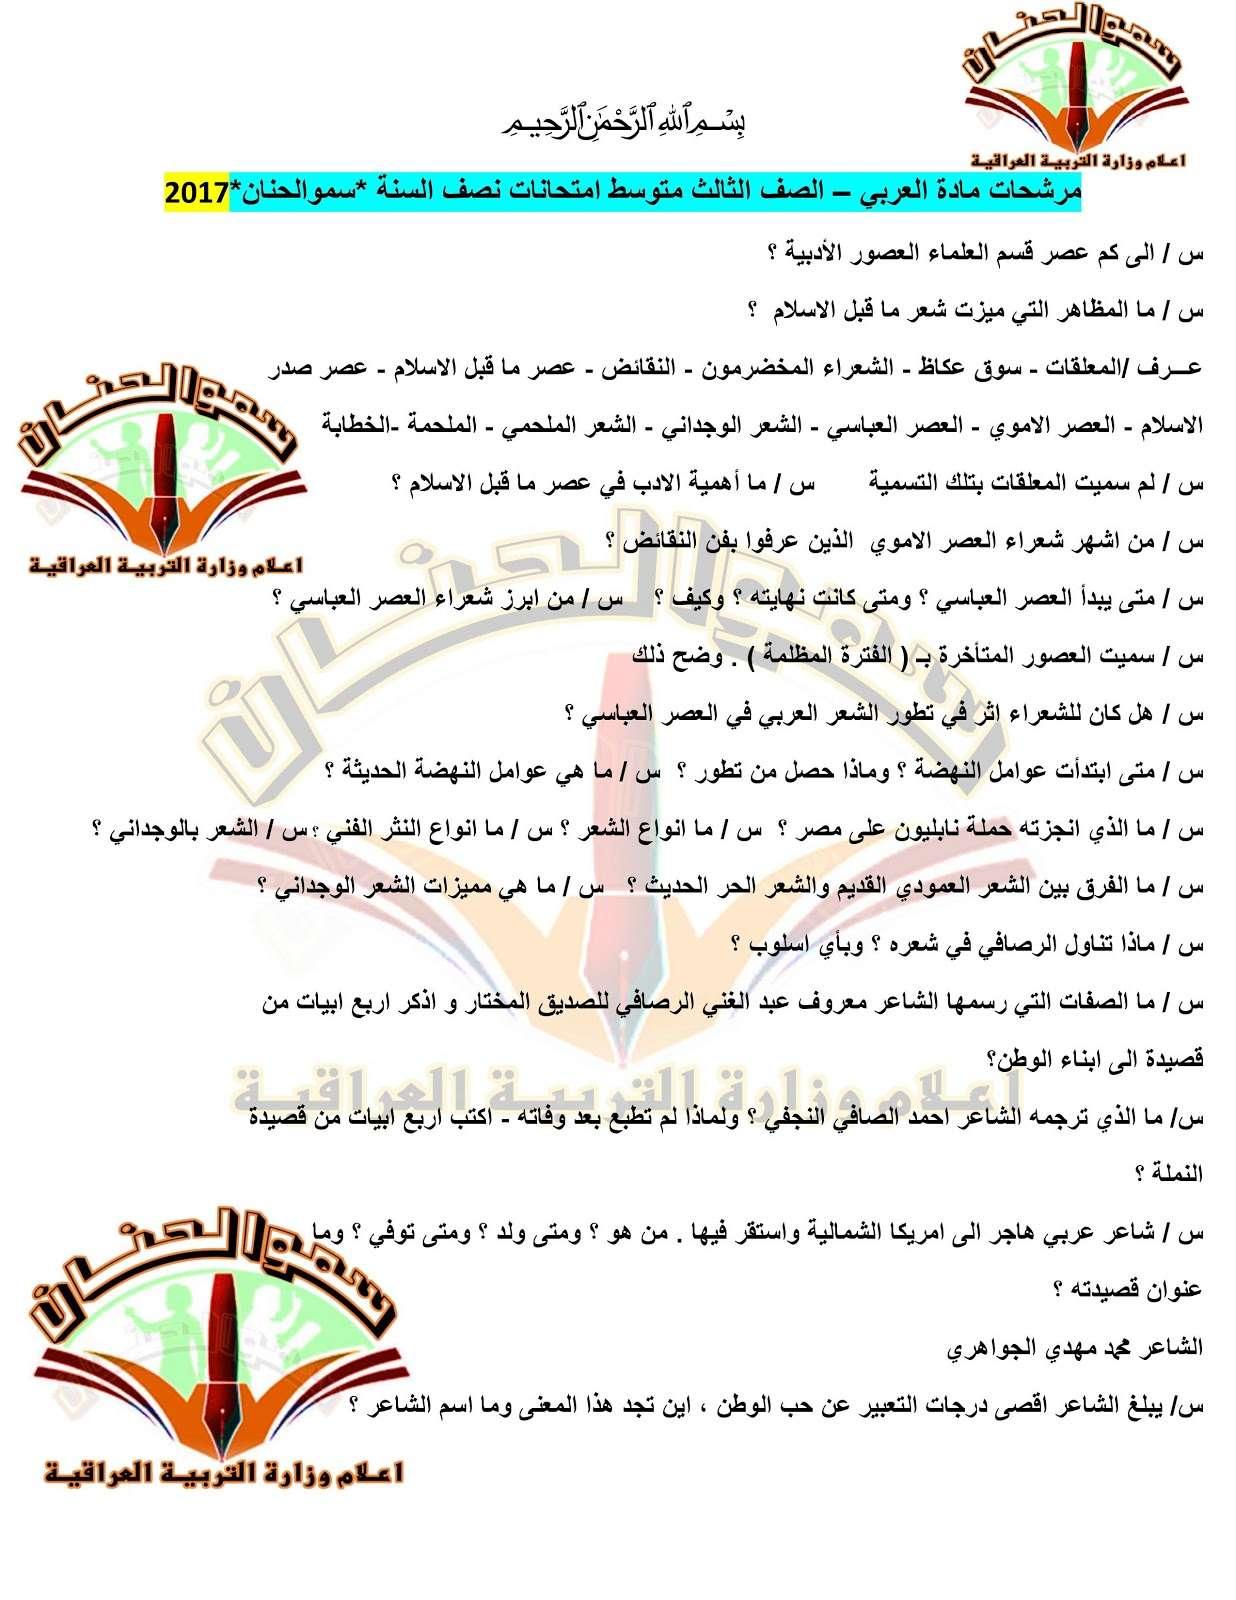 مرشحات مادة العربي  لنصف السنة للصف الثالث متوسط 2019 Aa10